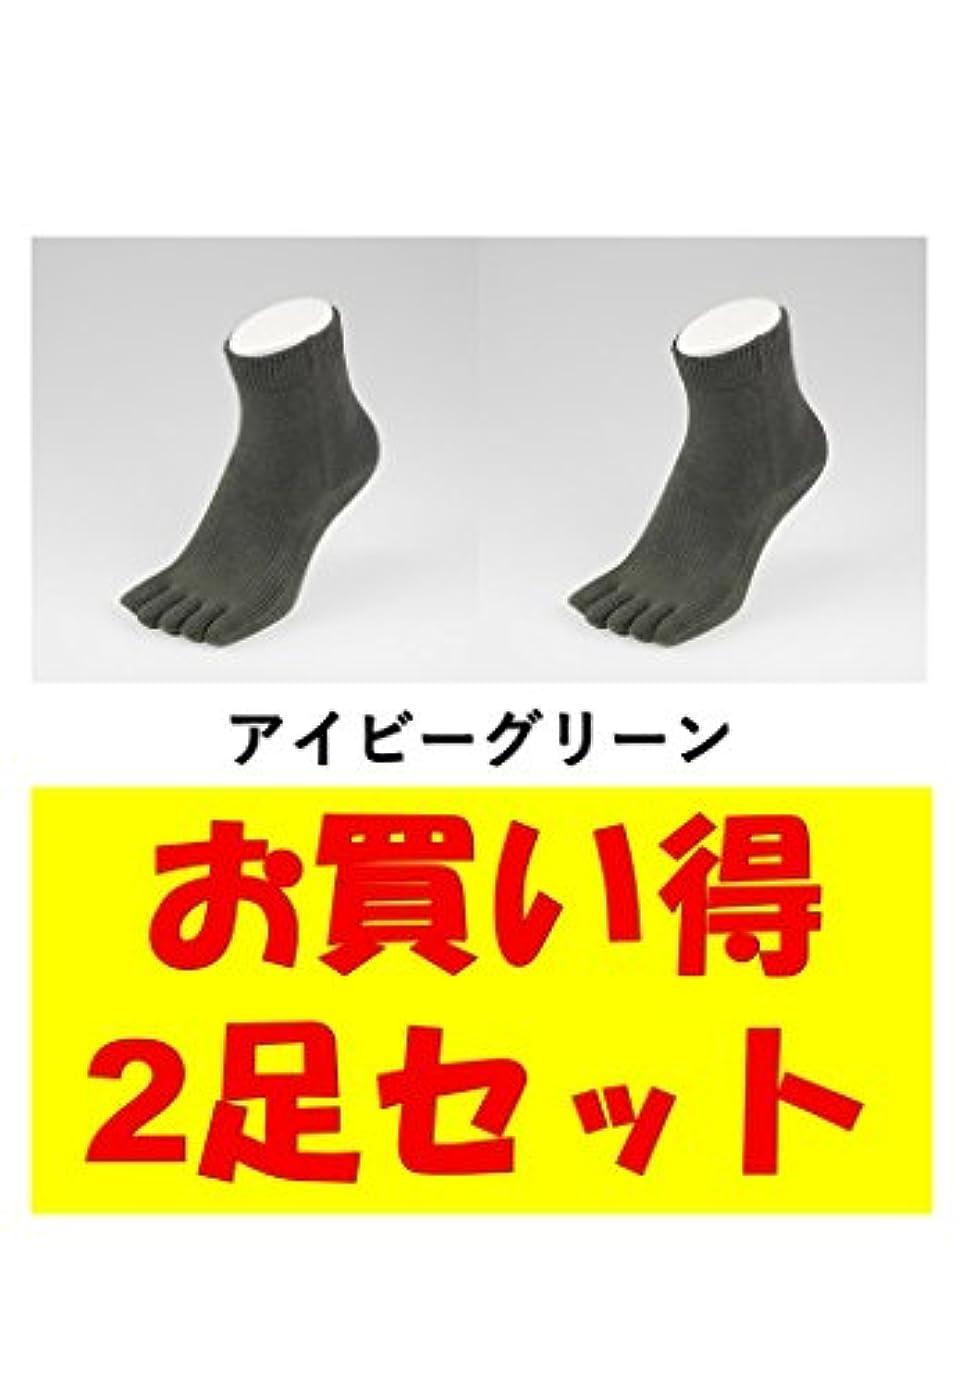 拍車古代クライアントお買い得2足セット 5本指 ゆびのばソックス Neo EVE(イヴ) アイビーグリーン Sサイズ(21.0cm - 24.0cm) YSNEVE-IGR